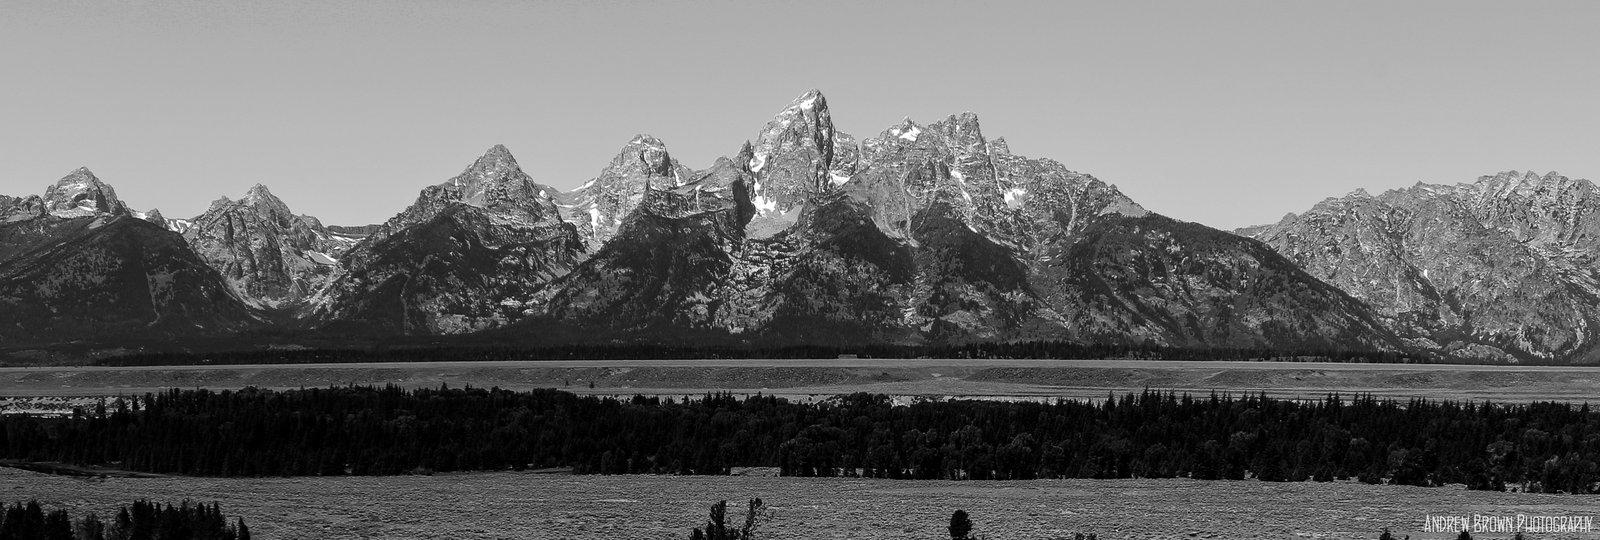 Teton mountains.